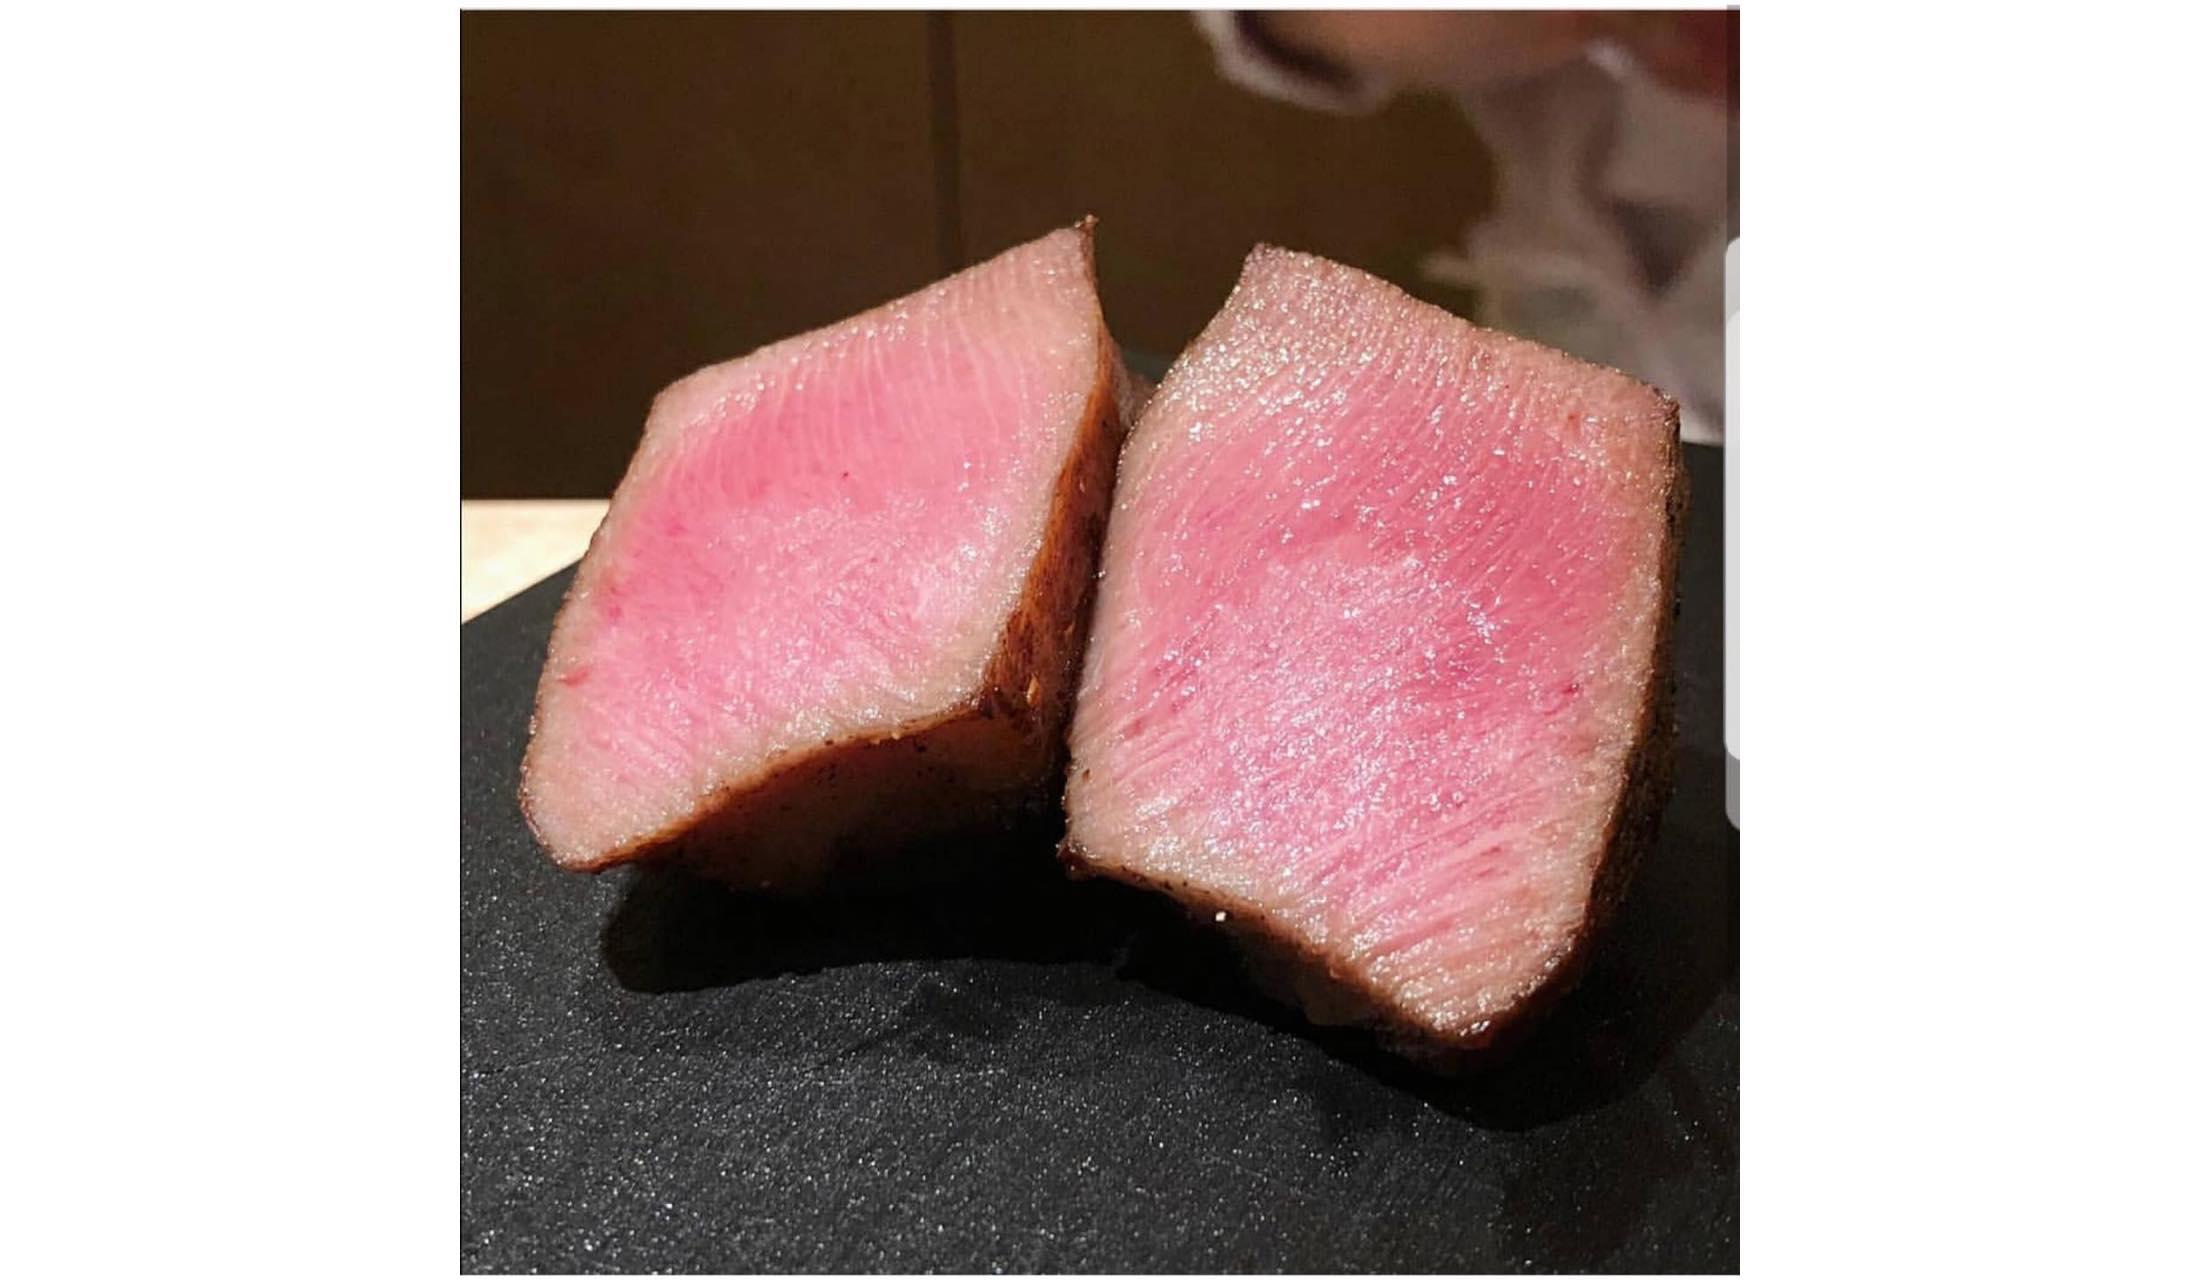 西麻布 常という割烹でその日におすすめされる肉の盛り合わせ